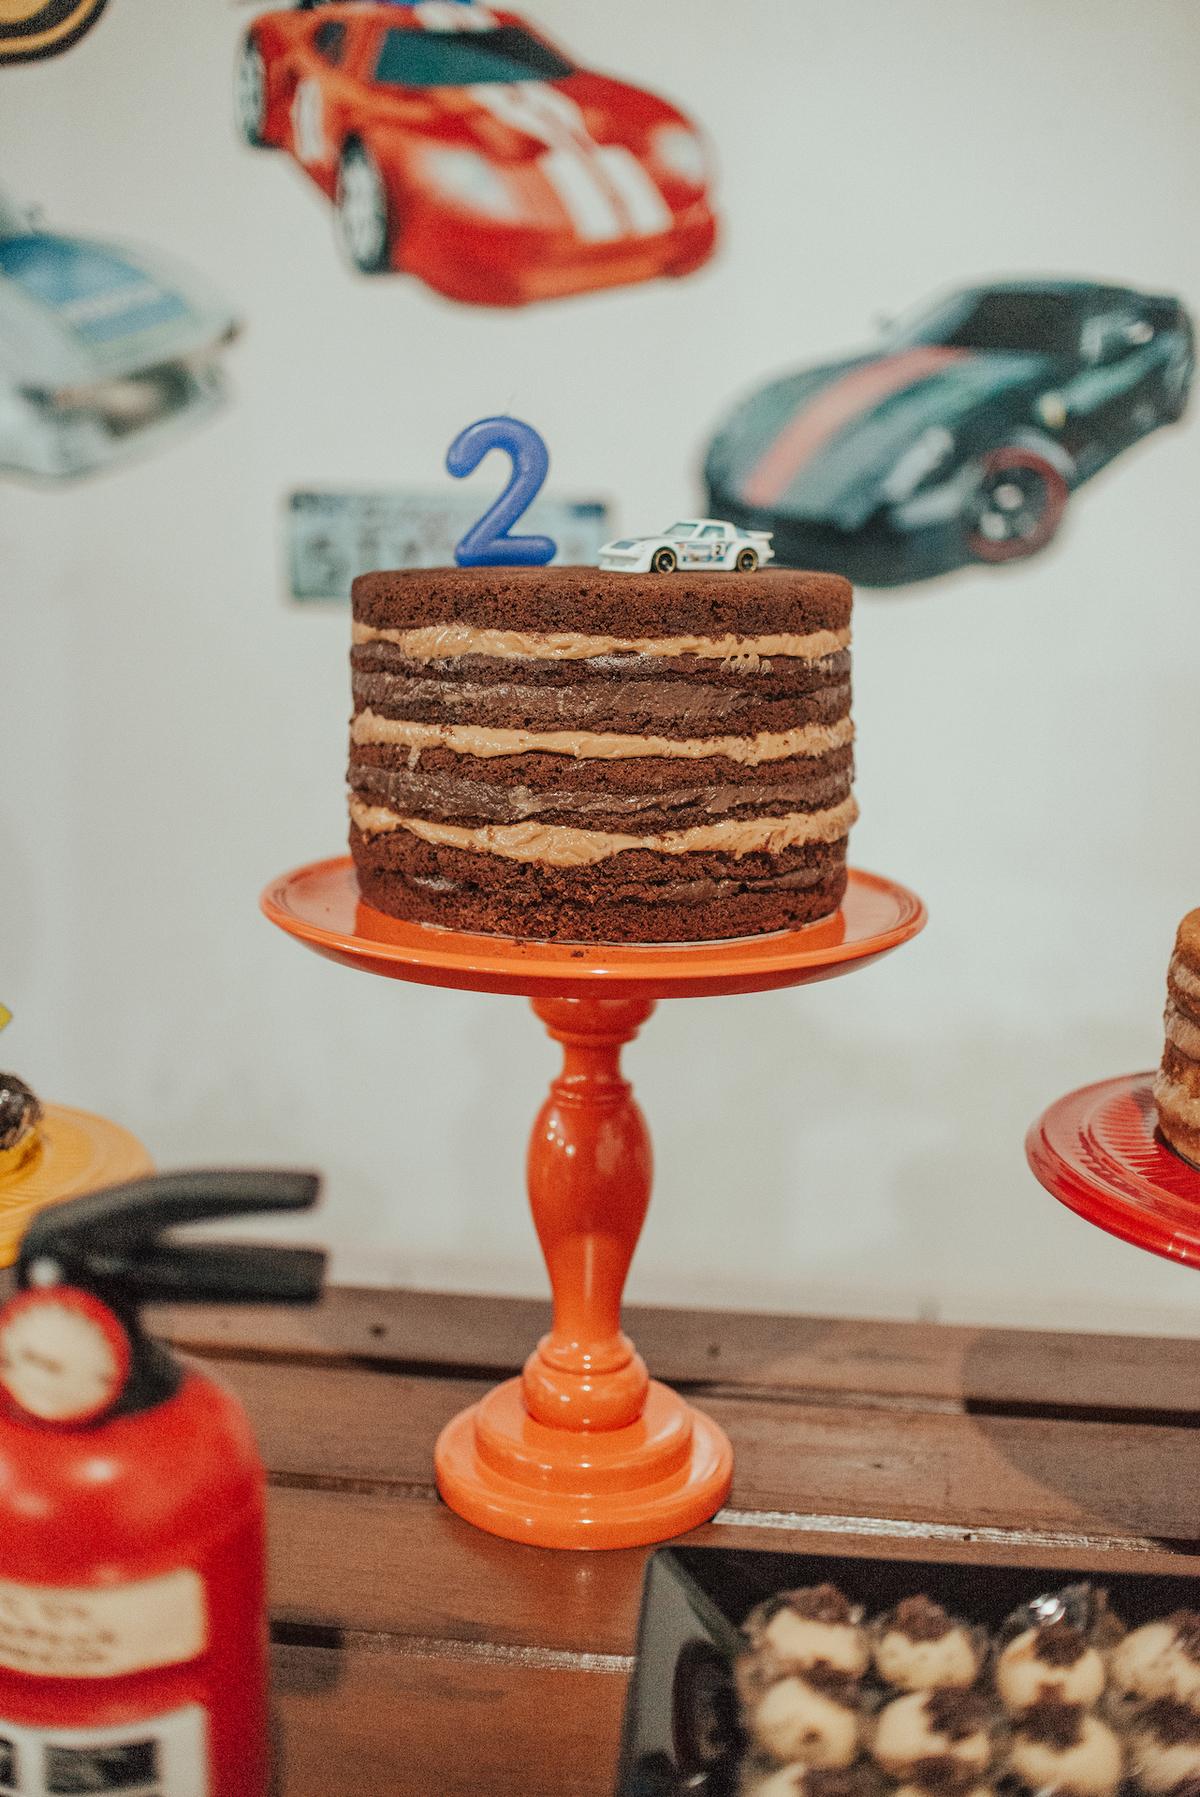 Fotografia do bolo de aniversário.